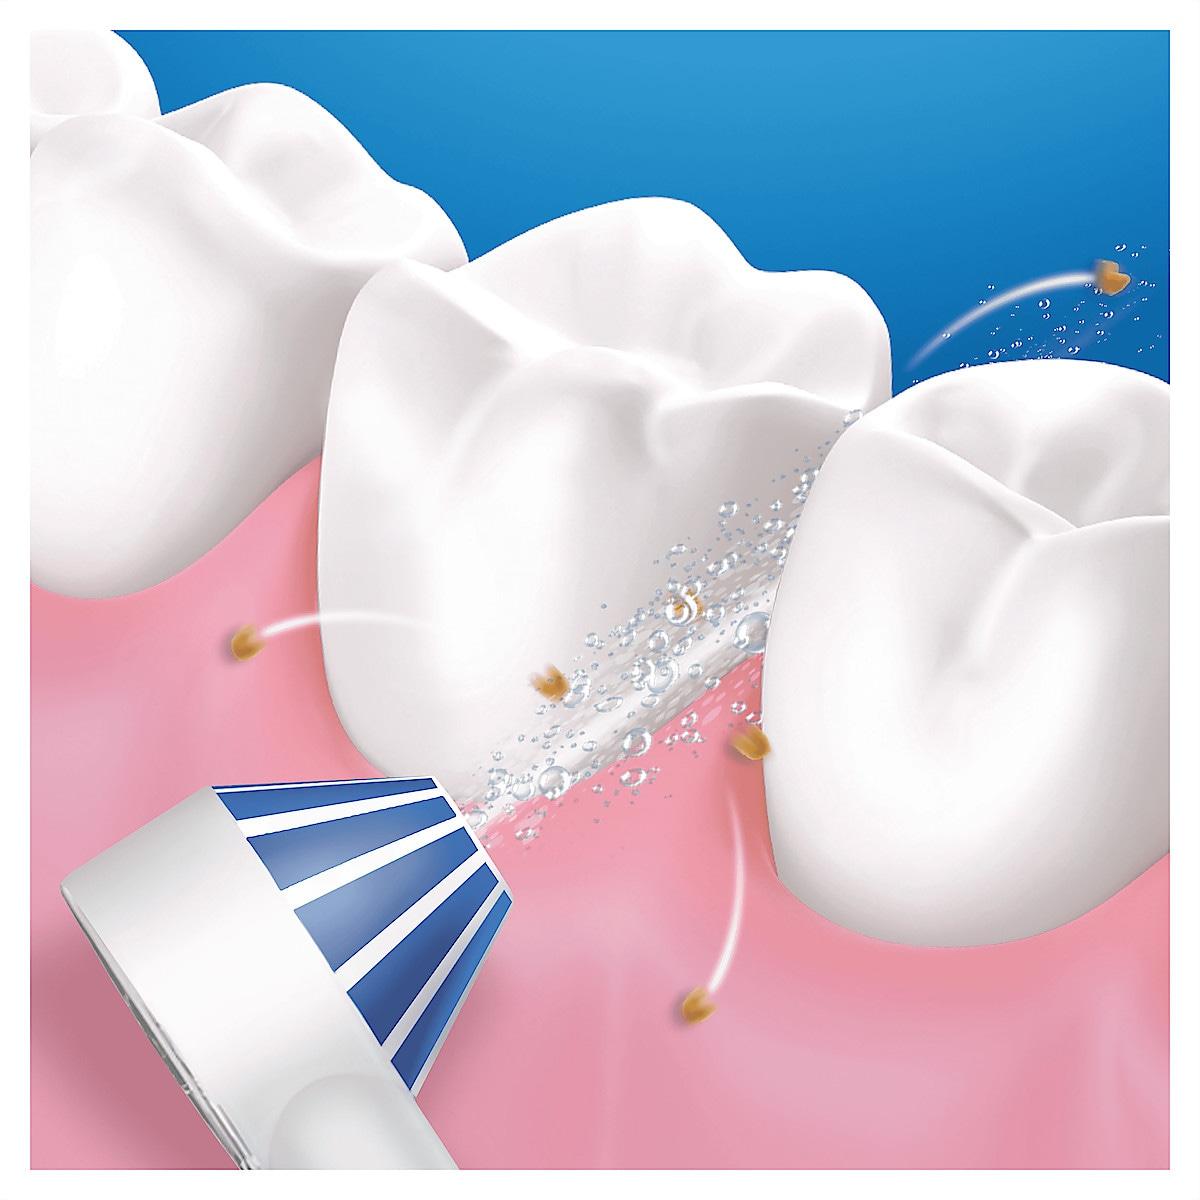 Hammasvälisuihku Oral-B AquaCare 4 Water Flosser